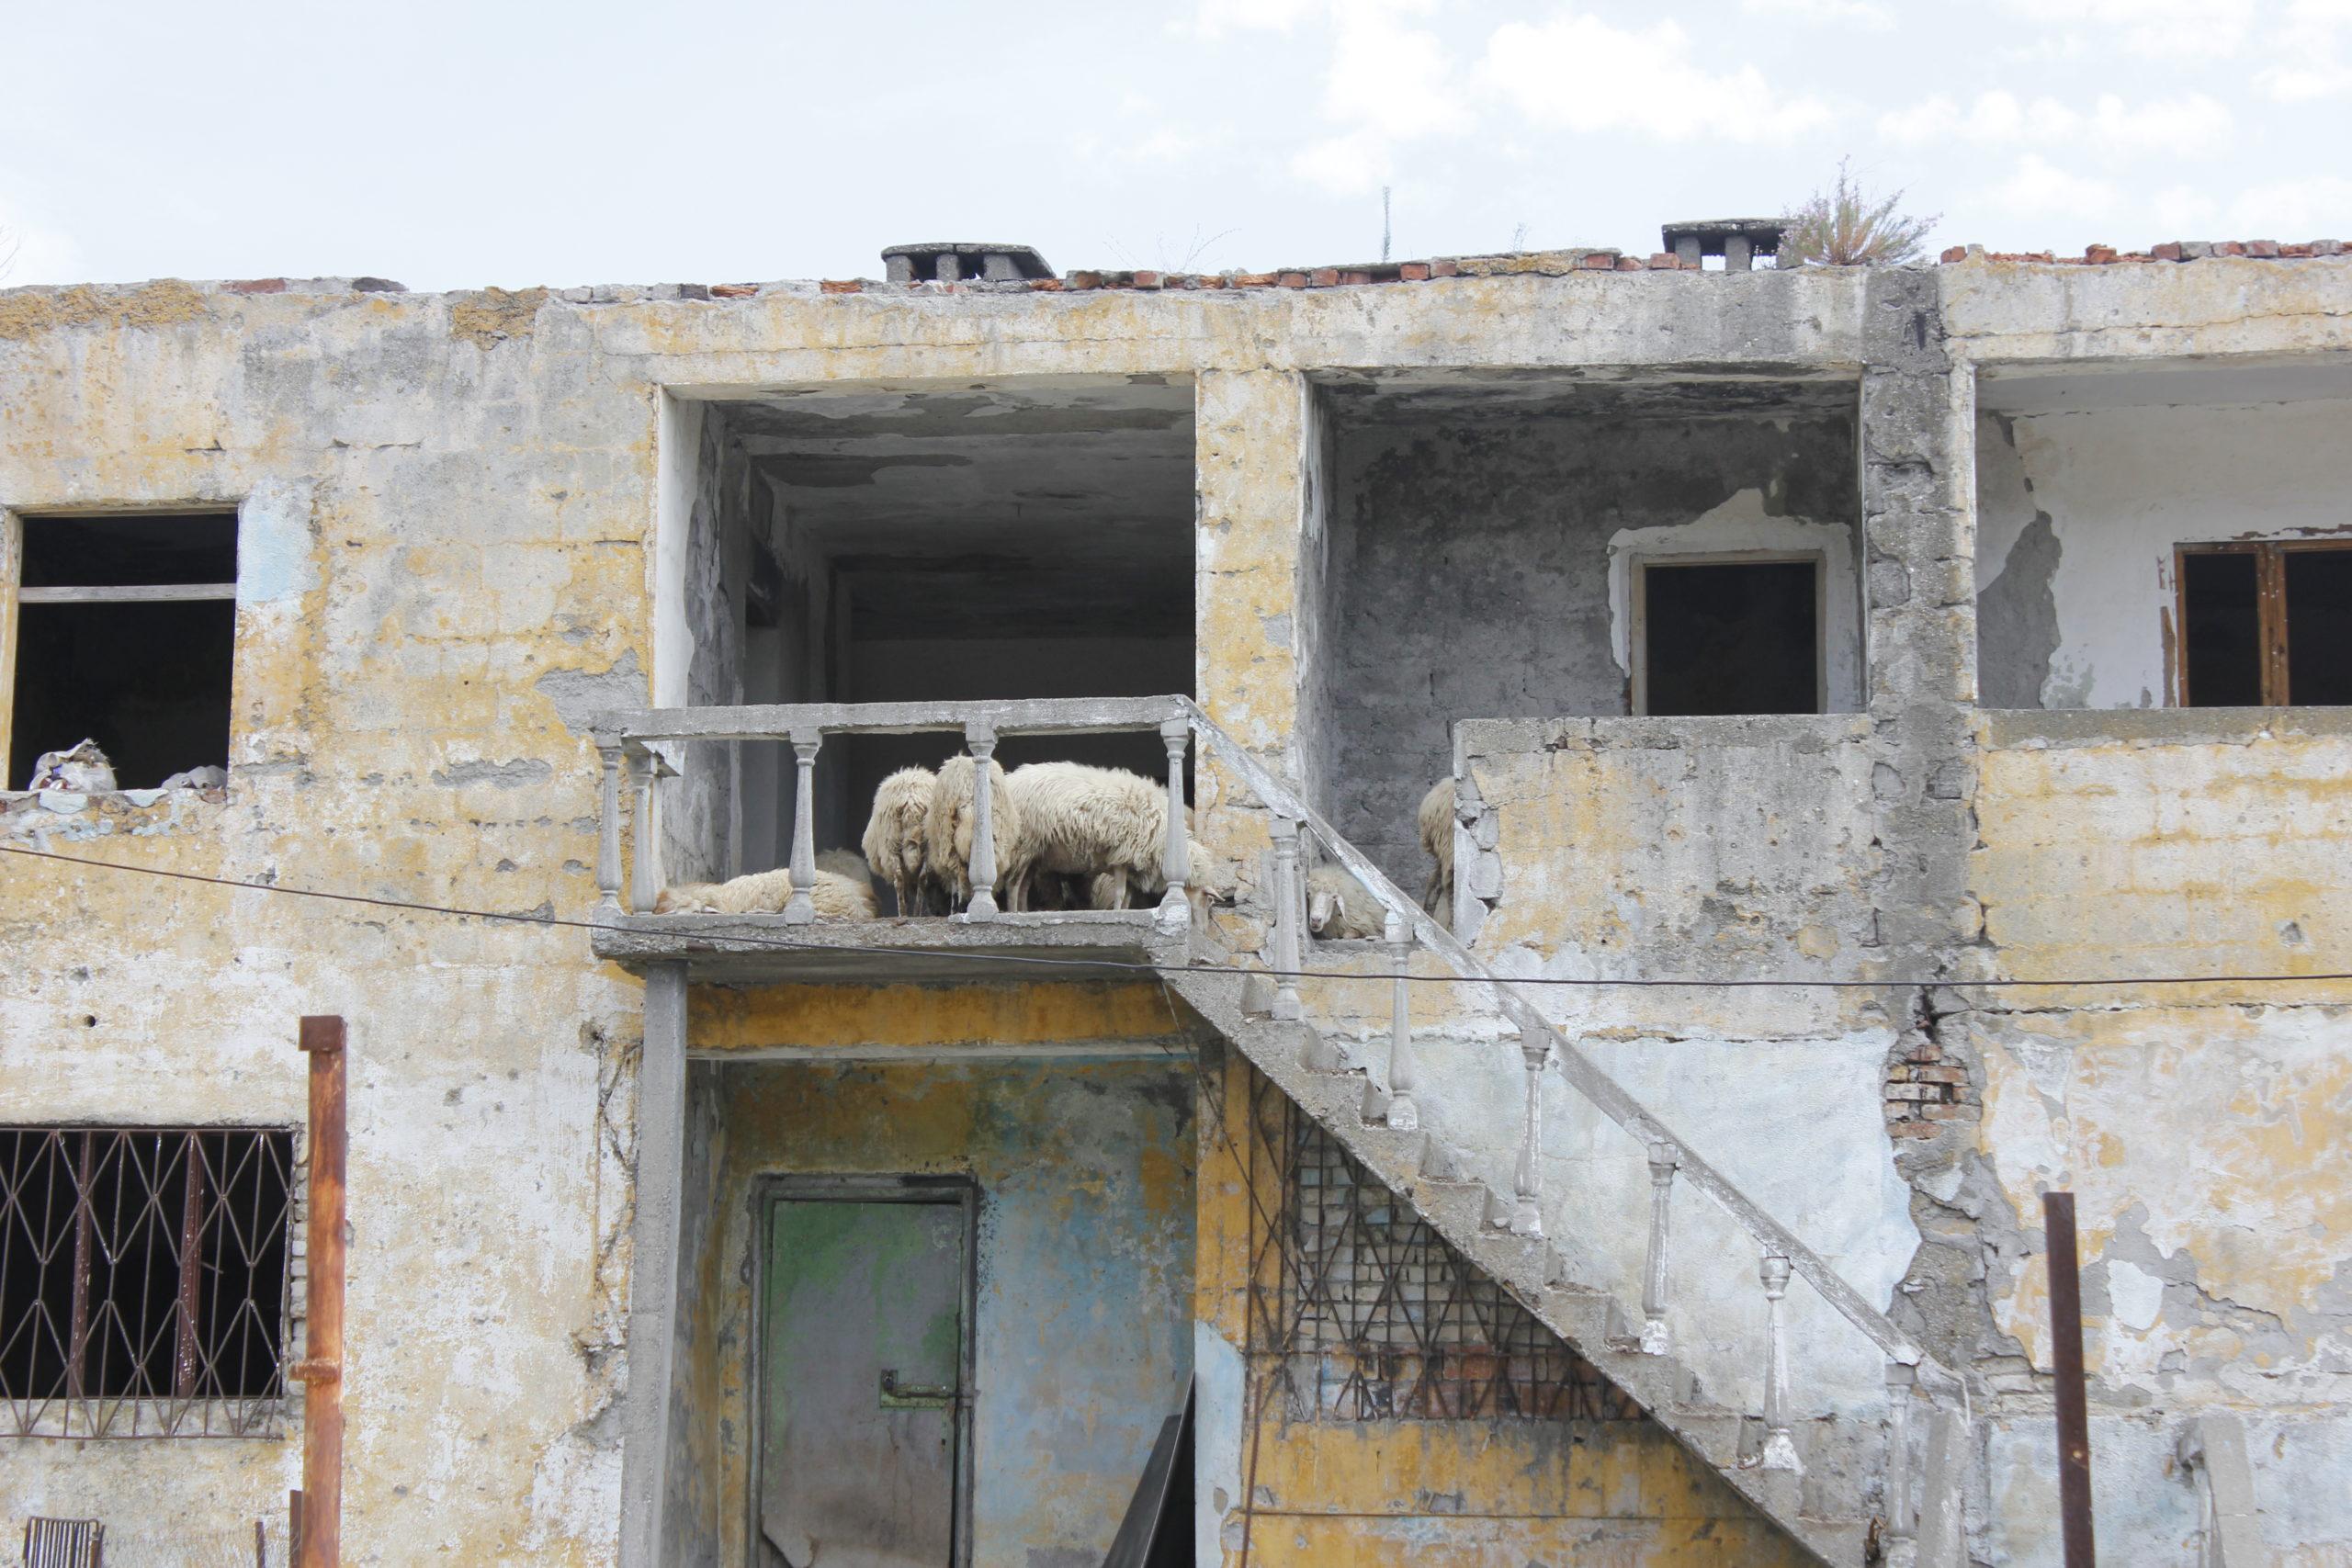 4x4 Abenteuerreise: Albanien so nah und doch so fremd 2